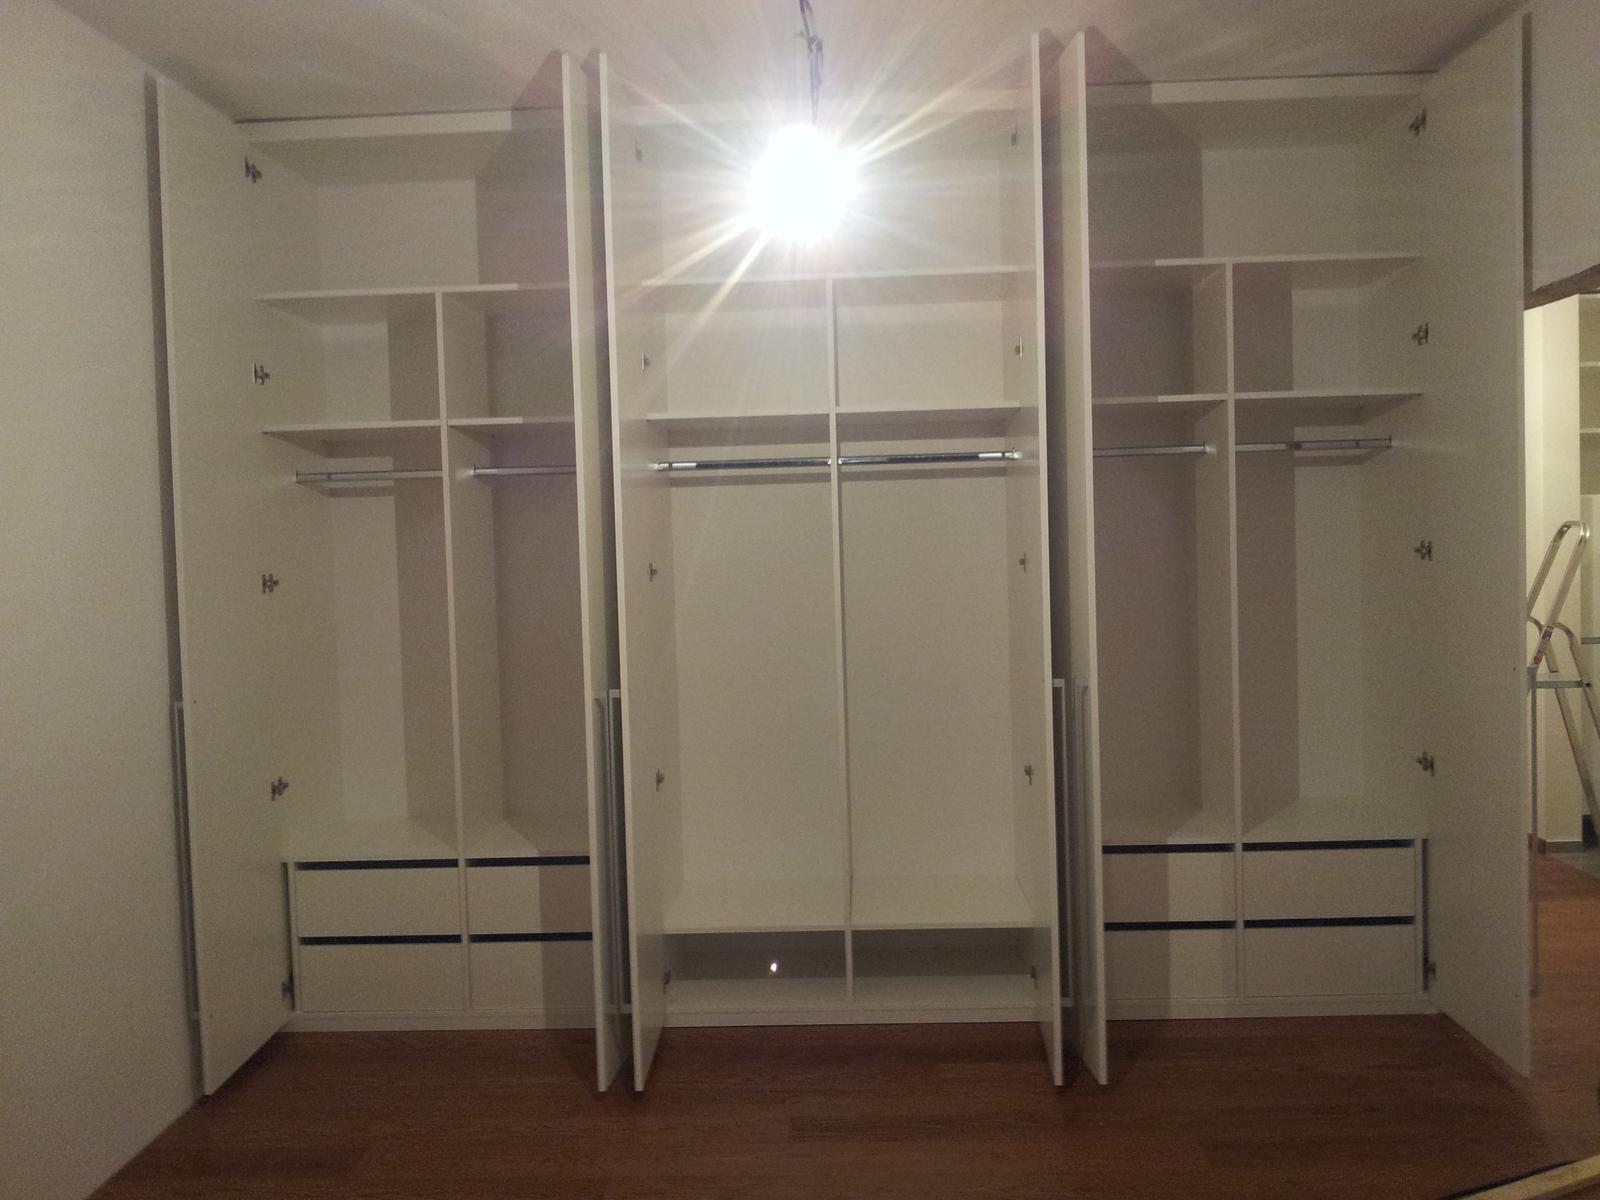 Dizajn a výroba nábytku na mieru Cubica - Vstavaný šatník - dizajn a výroba cubica